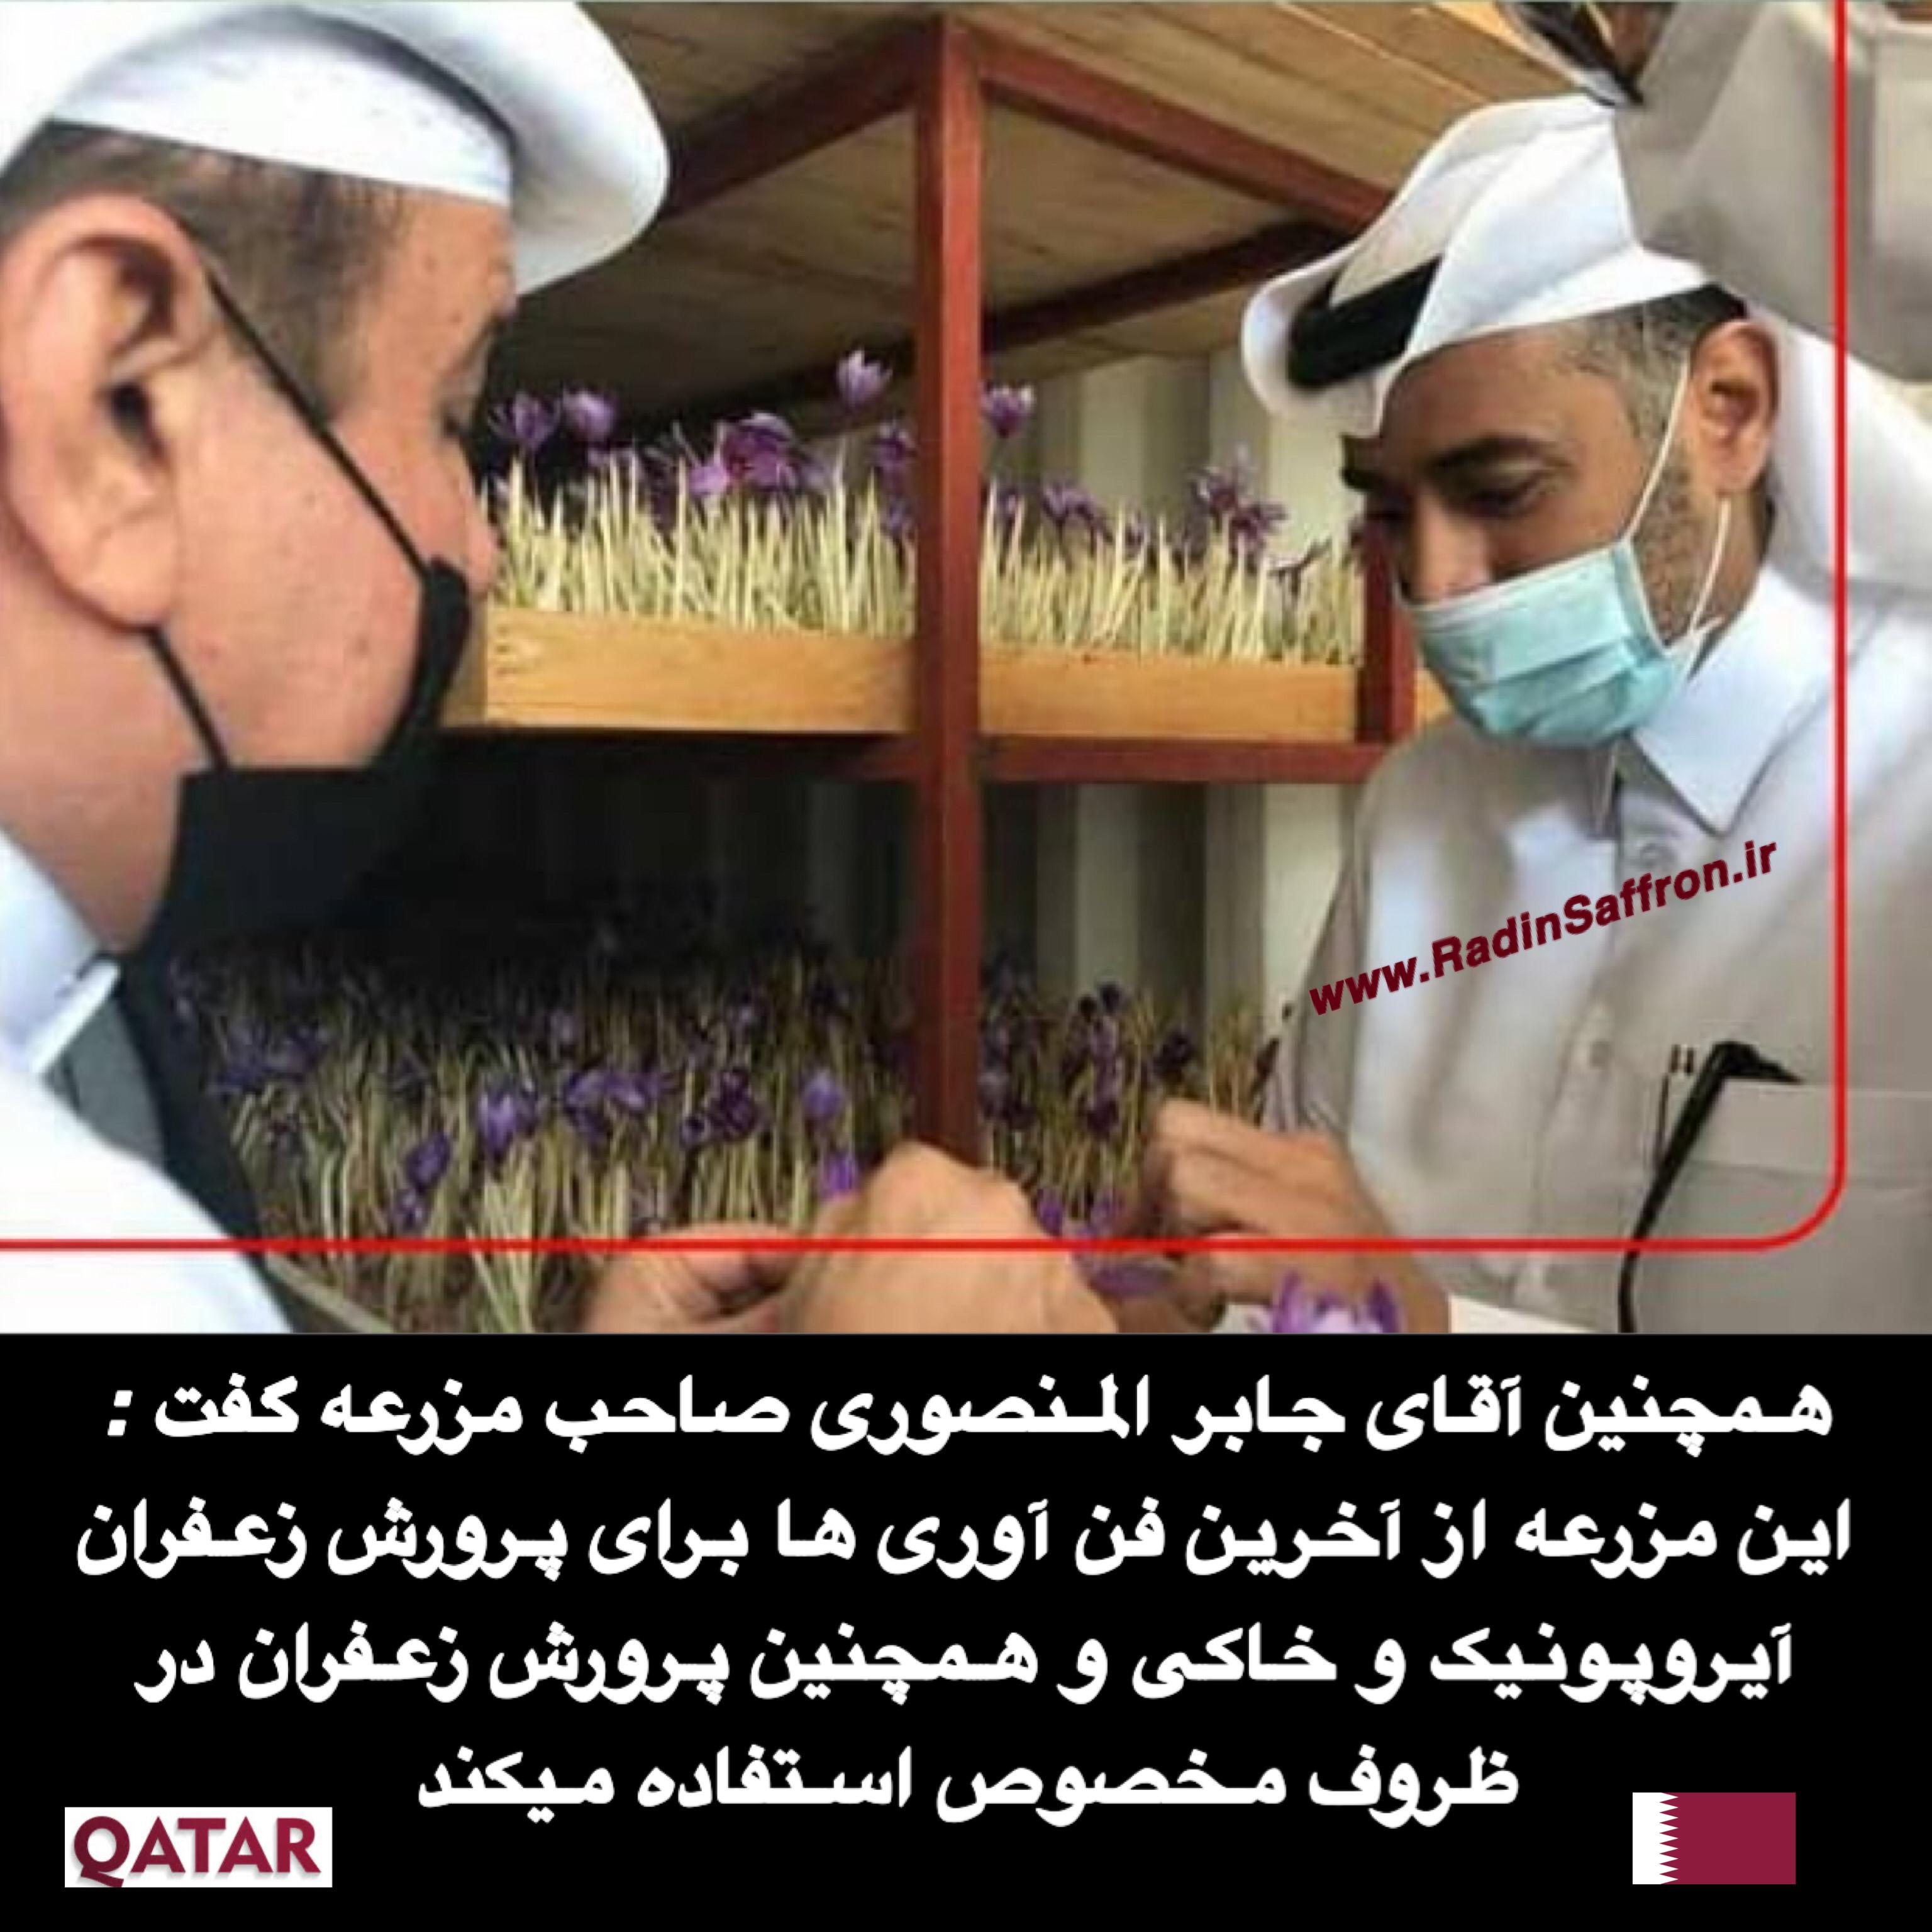 آموزش کاشت زعفران گلخانه ای در قطر